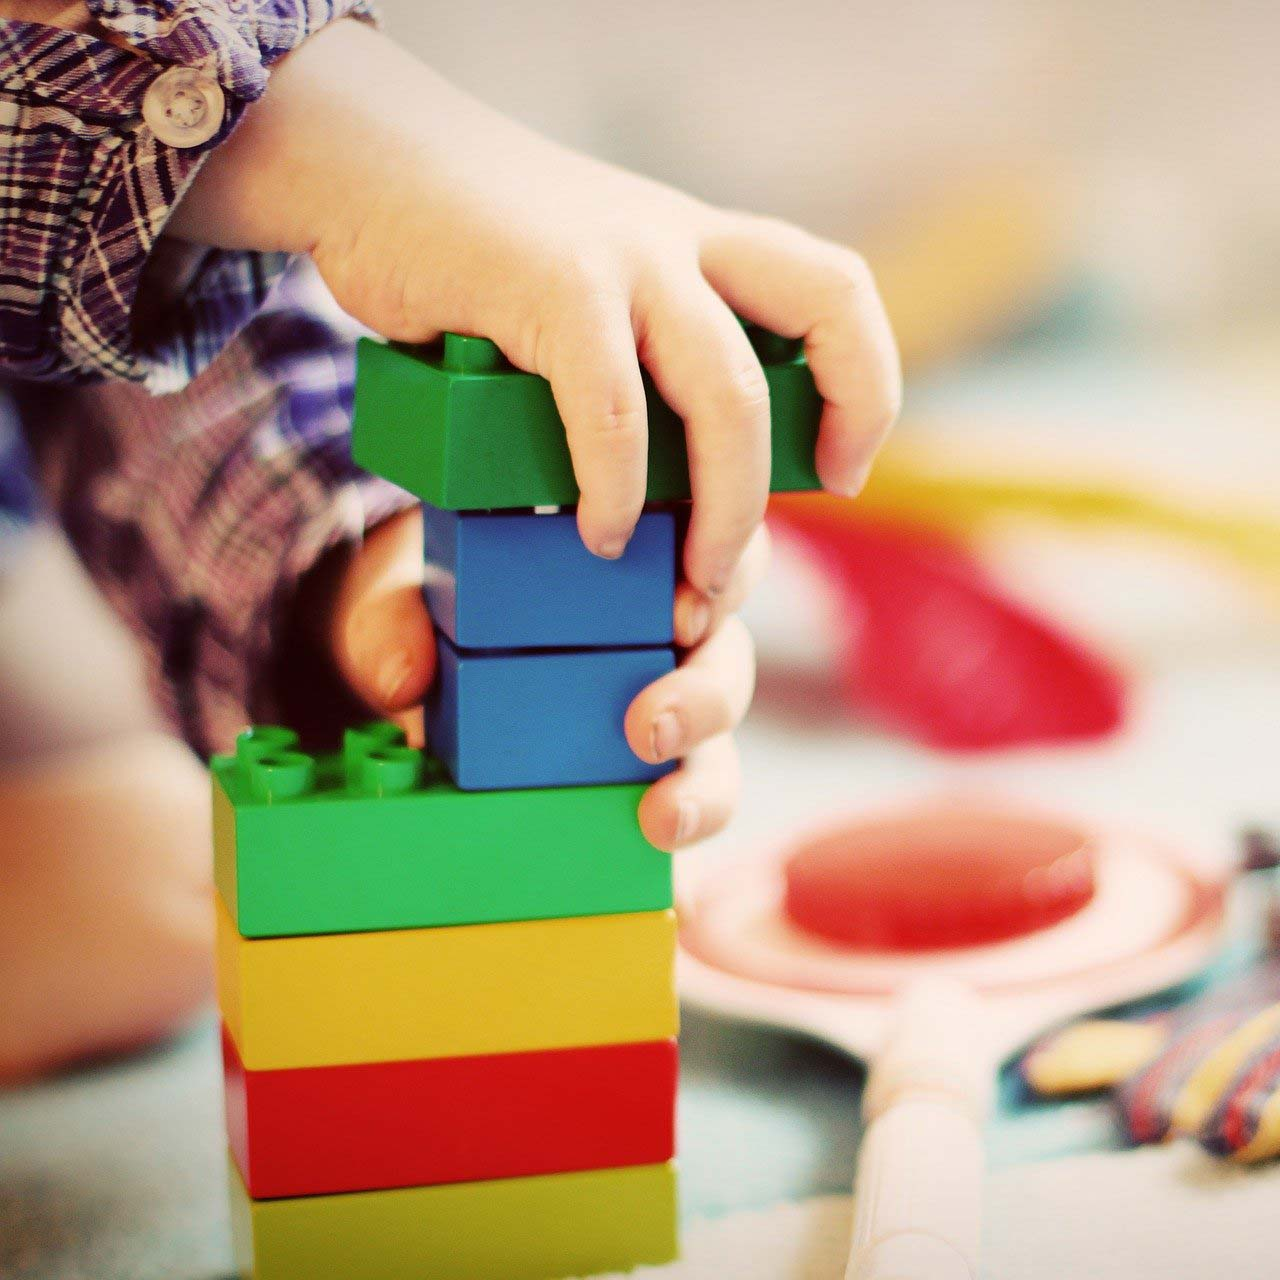 aimaproject-agenzia-di-comunicazione-farmacia-giardino-coldrerio-parafarmacia-giochi-per-bambini